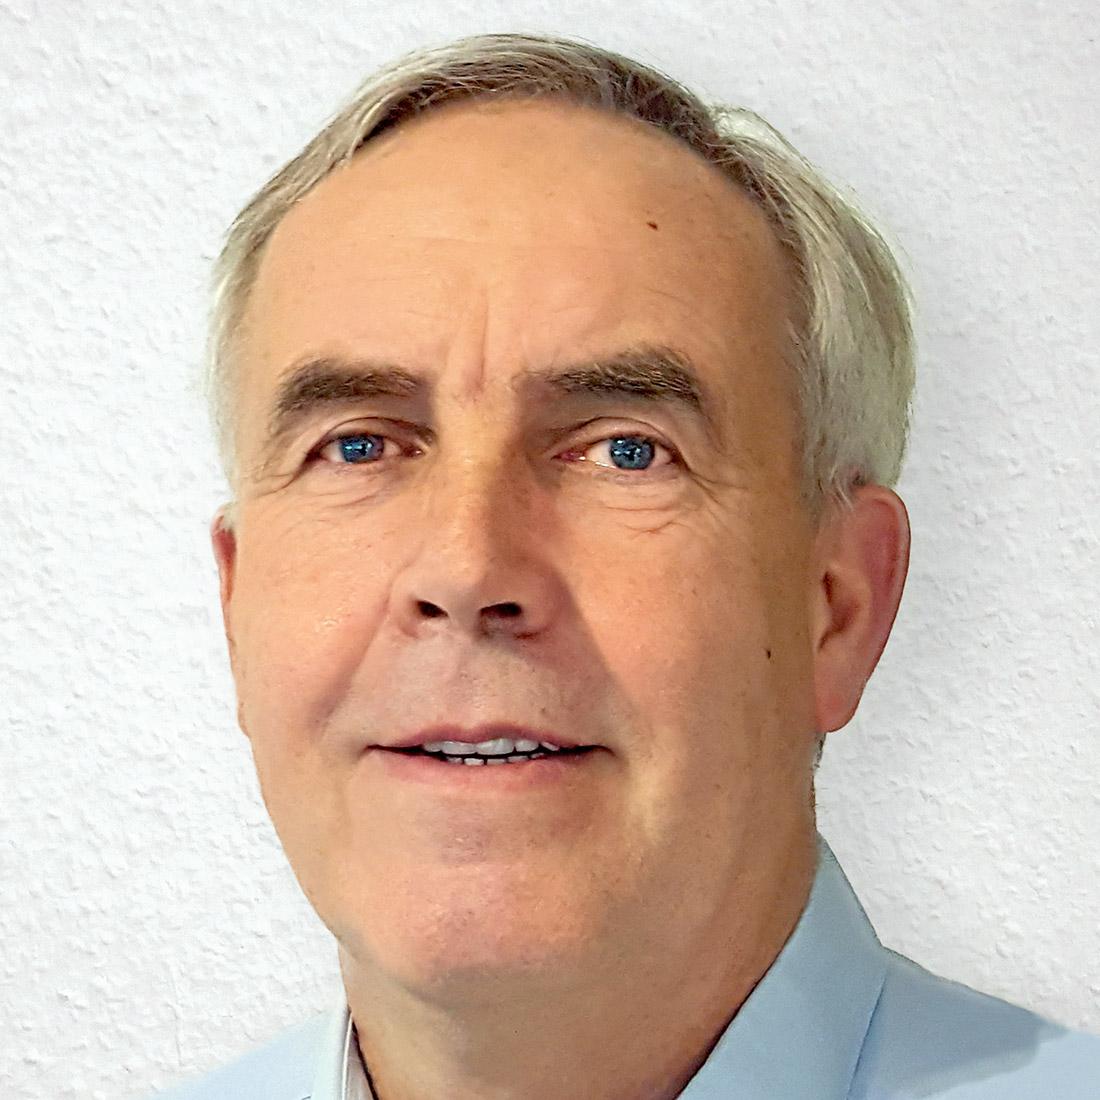 Bernhard Risse